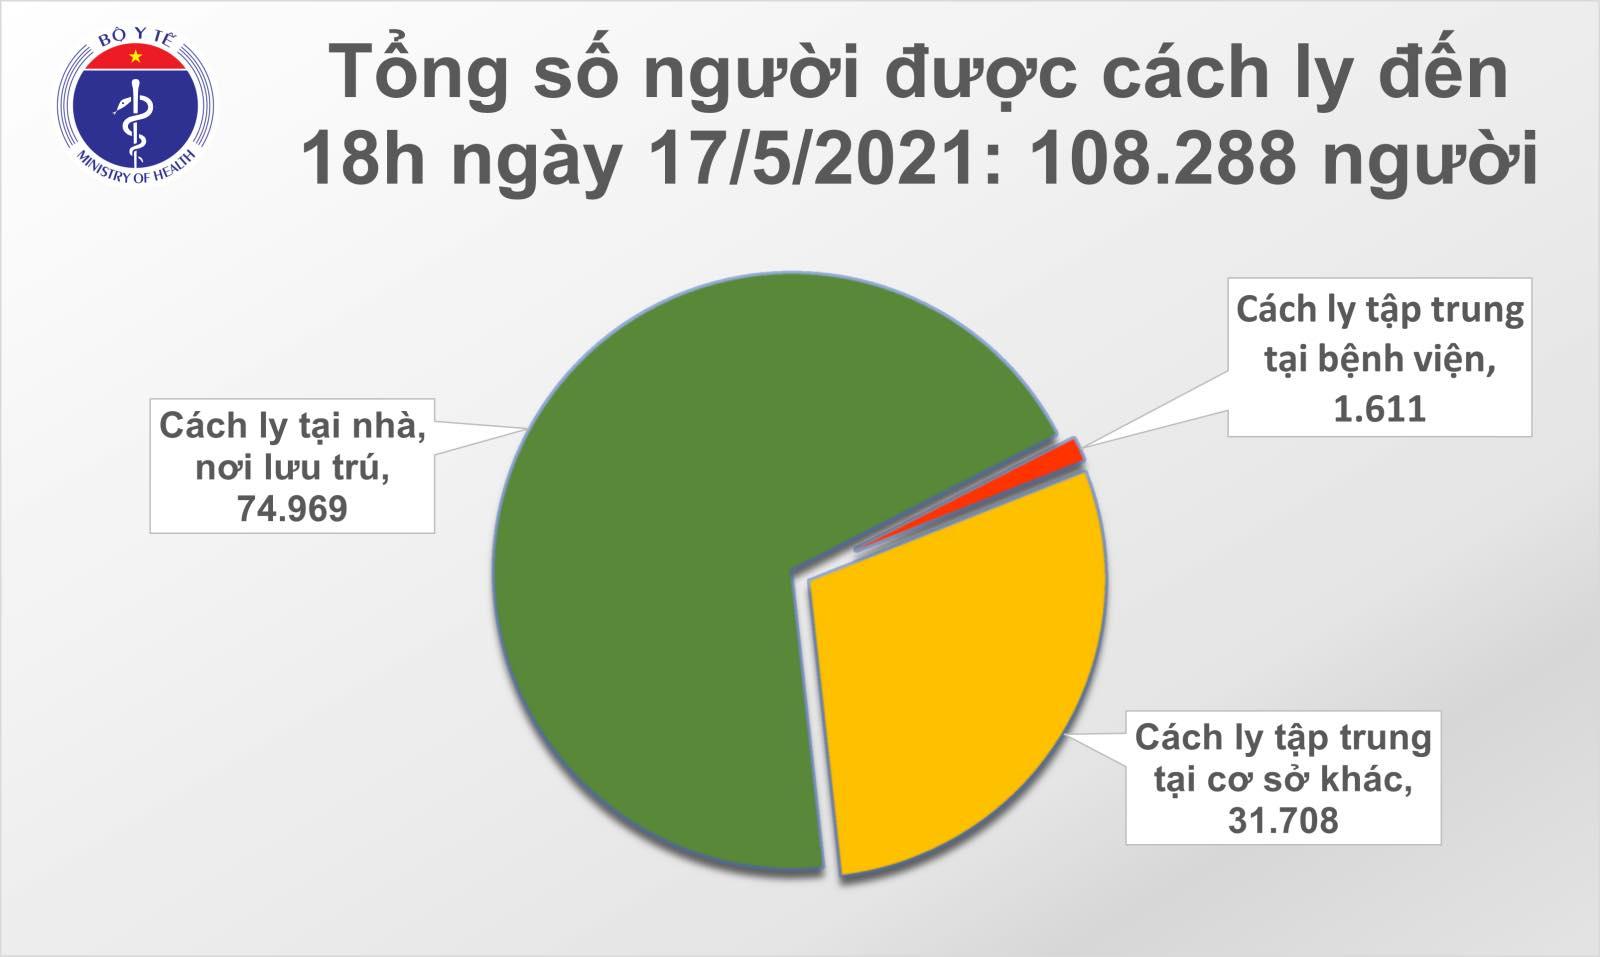 """Thêm 116 ca Covid-19 mới, Bắc Giang, Bắc Ninh vẫn """"nóng""""  - Ảnh 3."""